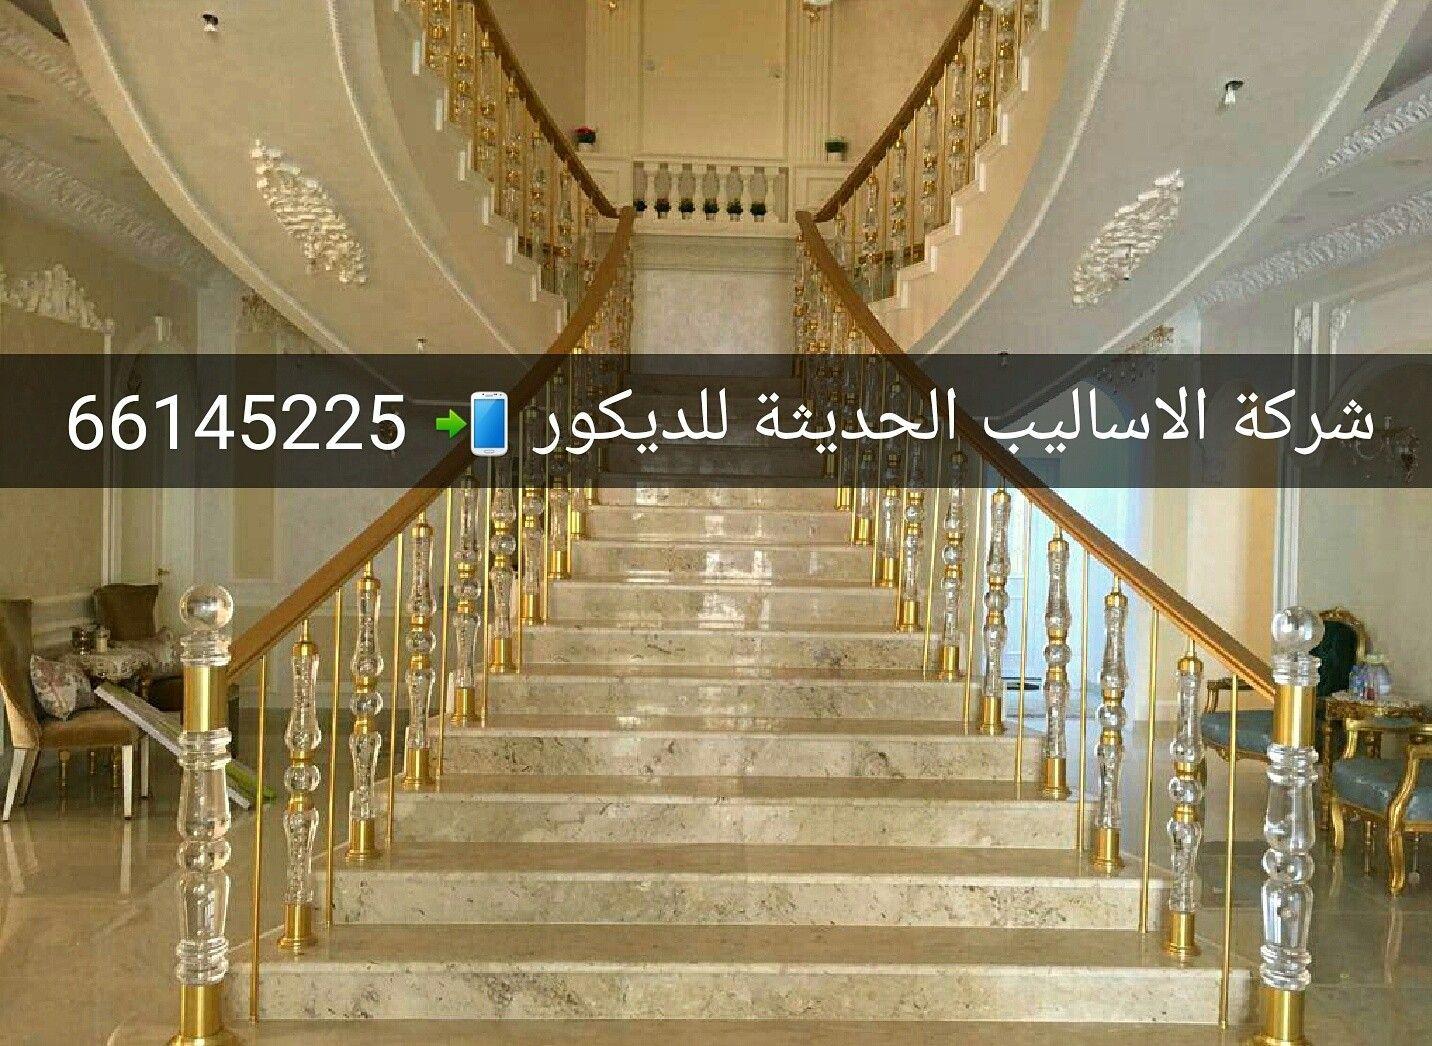 درابزين من مشربيات البلكسي شركة الأساليب الحديثة للديكور و الزجاج المعشق 66145225 Staircase Design Design Staircase